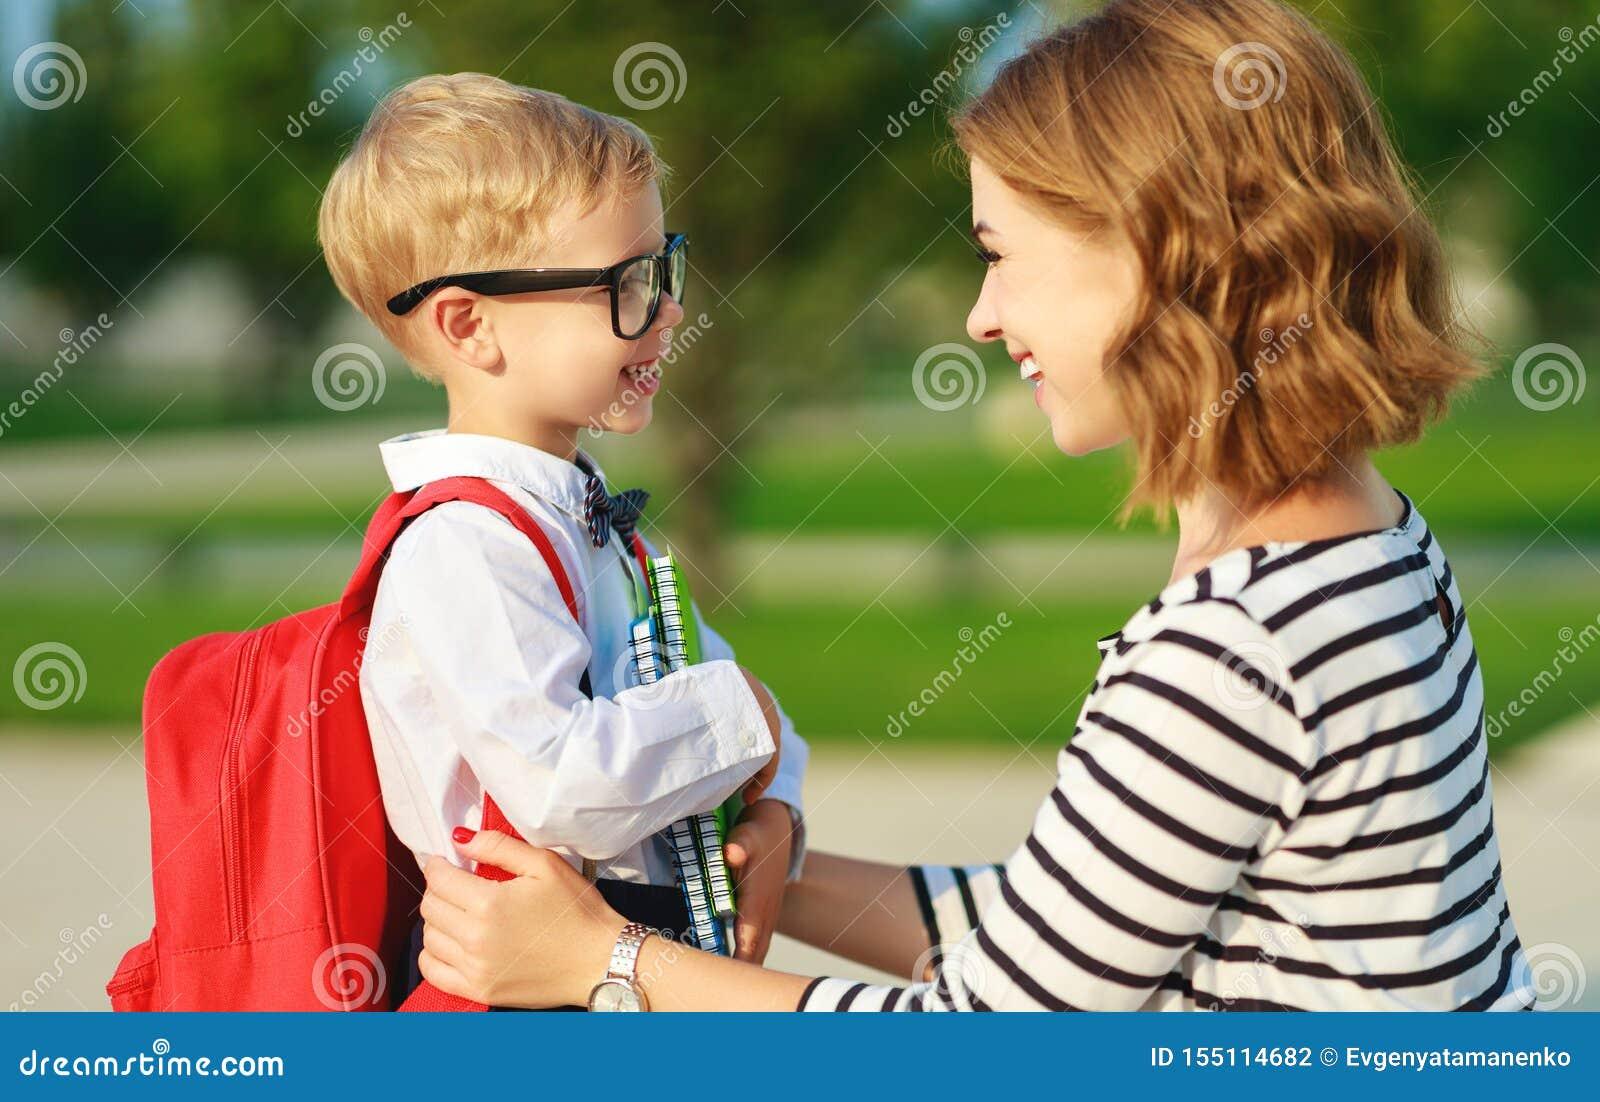 Eerste dag op school de moeder leidt weinig jongen van de kindschool in eerste rang